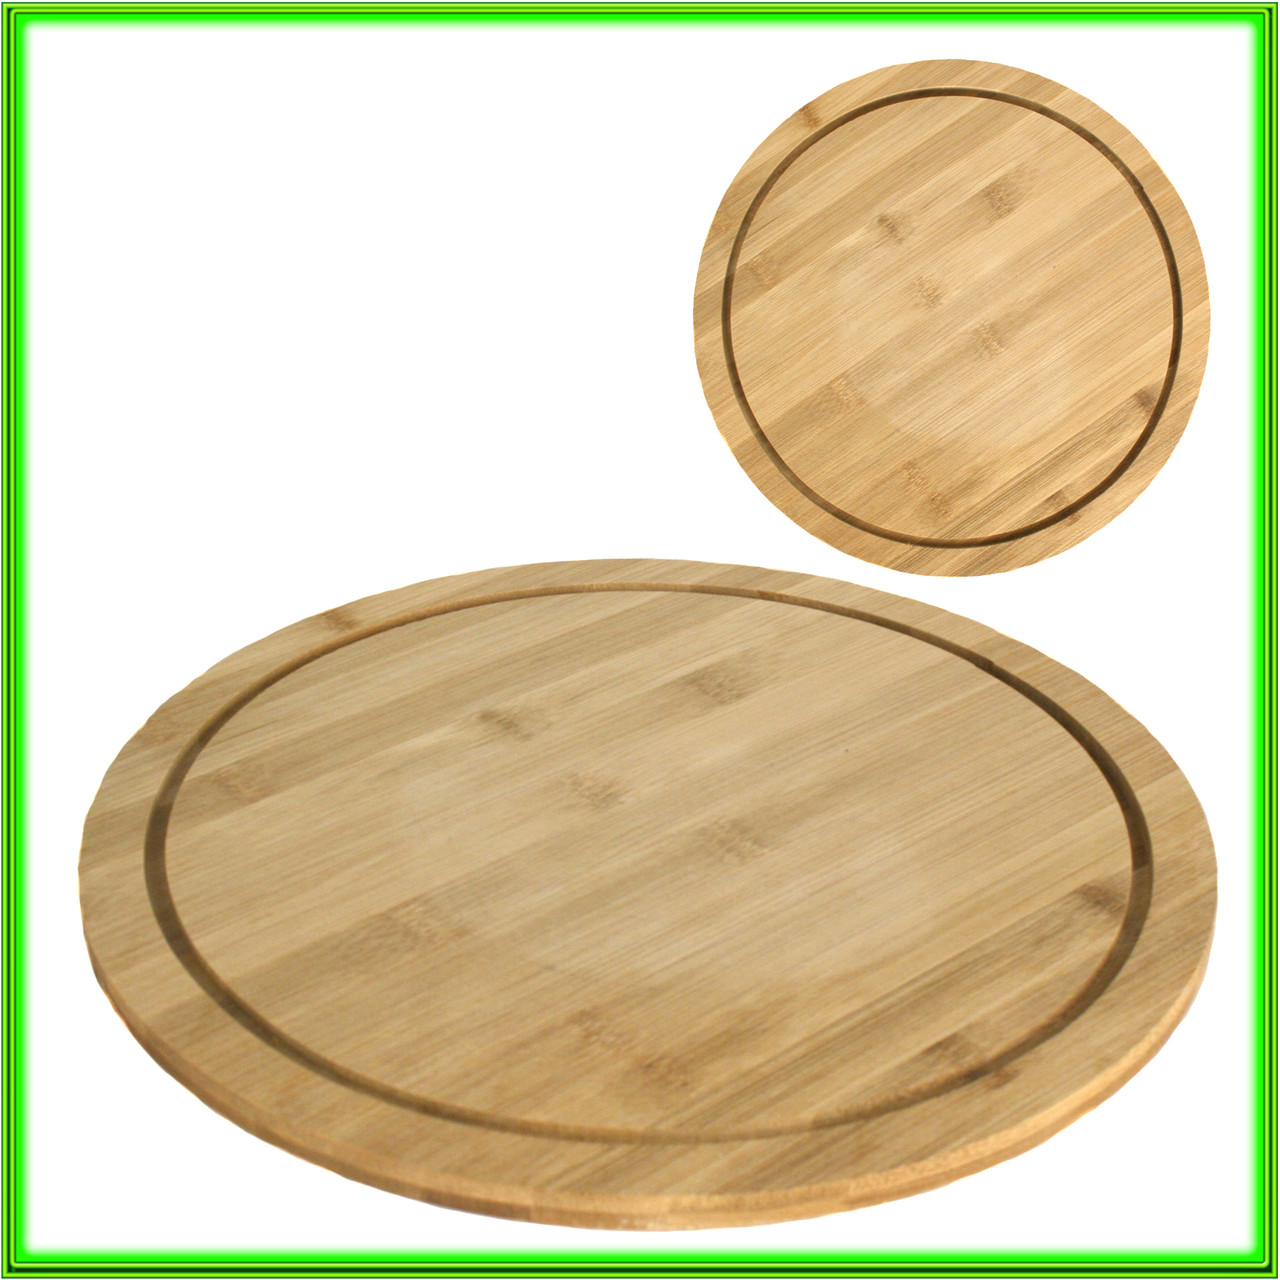 Доска для пиццы D 30 см бамбуковая толщина 1,1 см